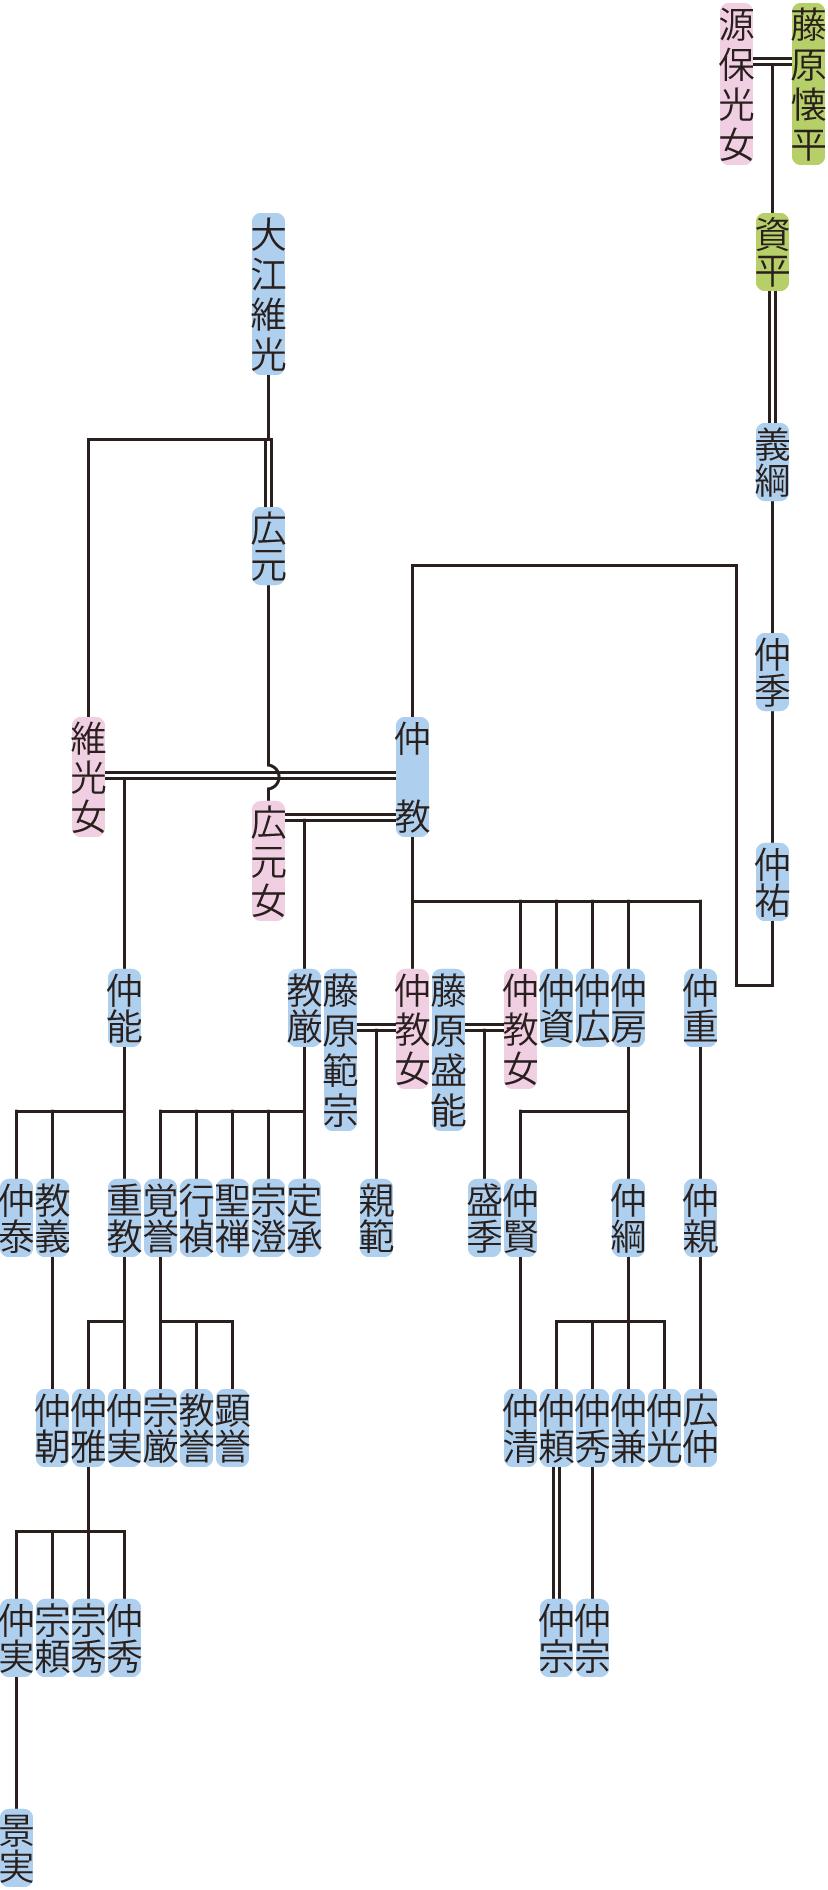 藤原義綱の系図